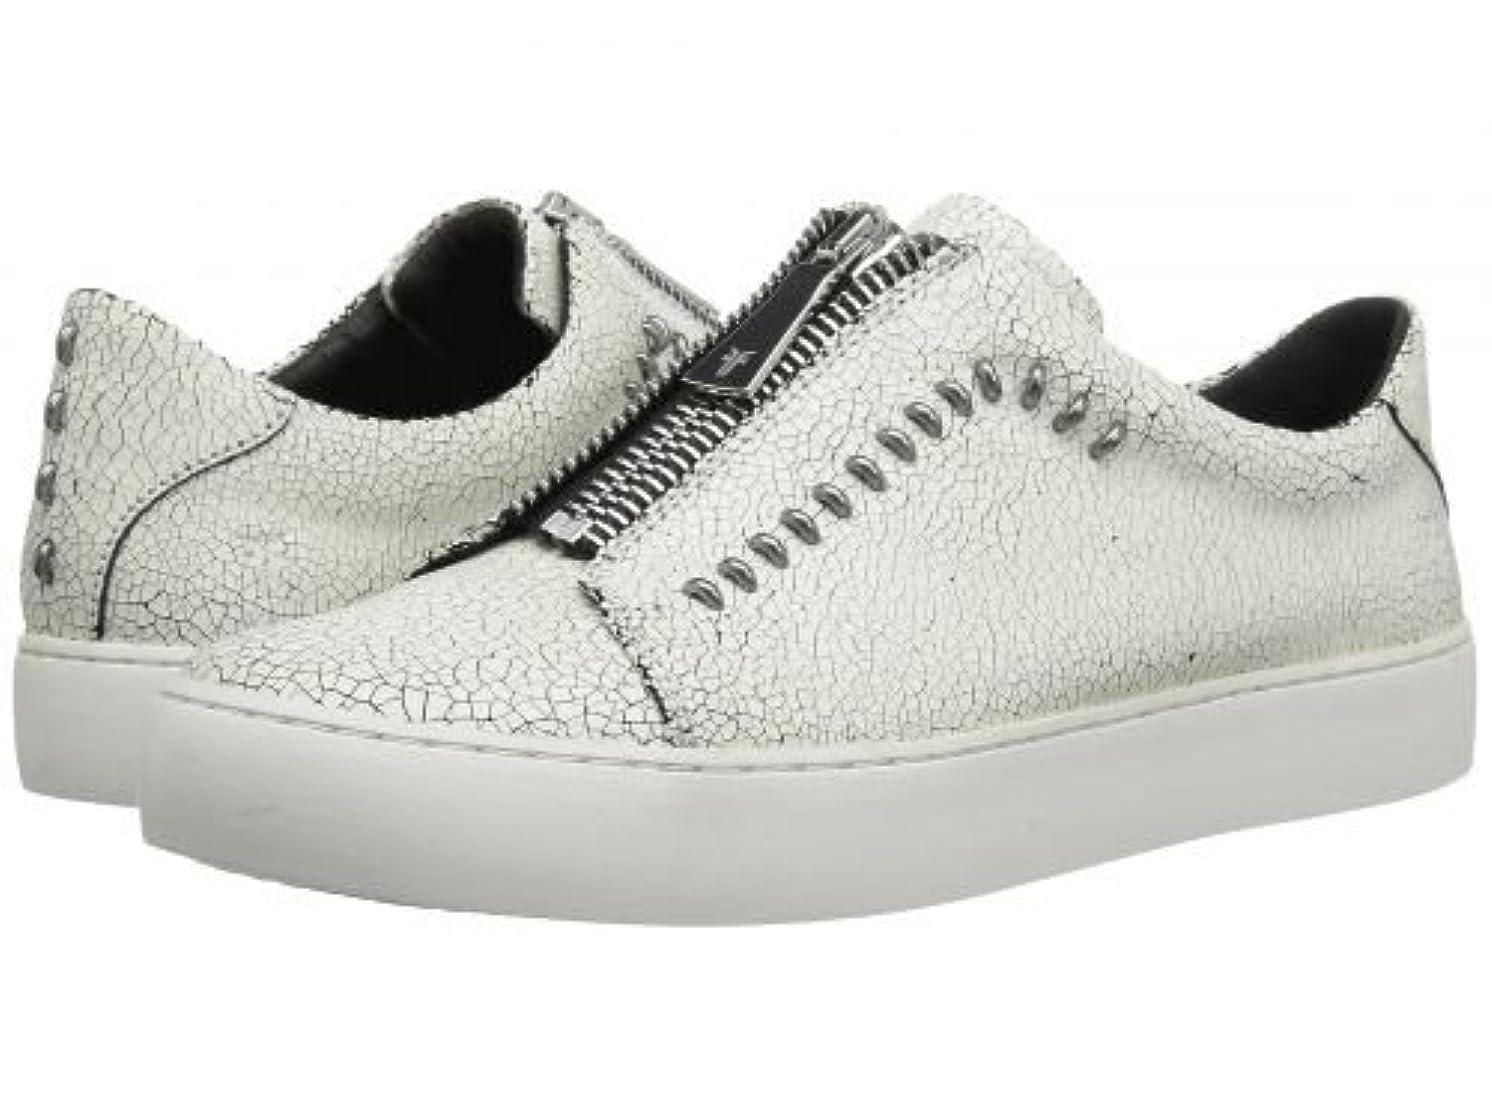 アカウント排除する観点Frye(フライ) レディース 女性用 シューズ 靴 スニーカー 運動靴 Lena Rebel Zip Low - White Crackle [並行輸入品]